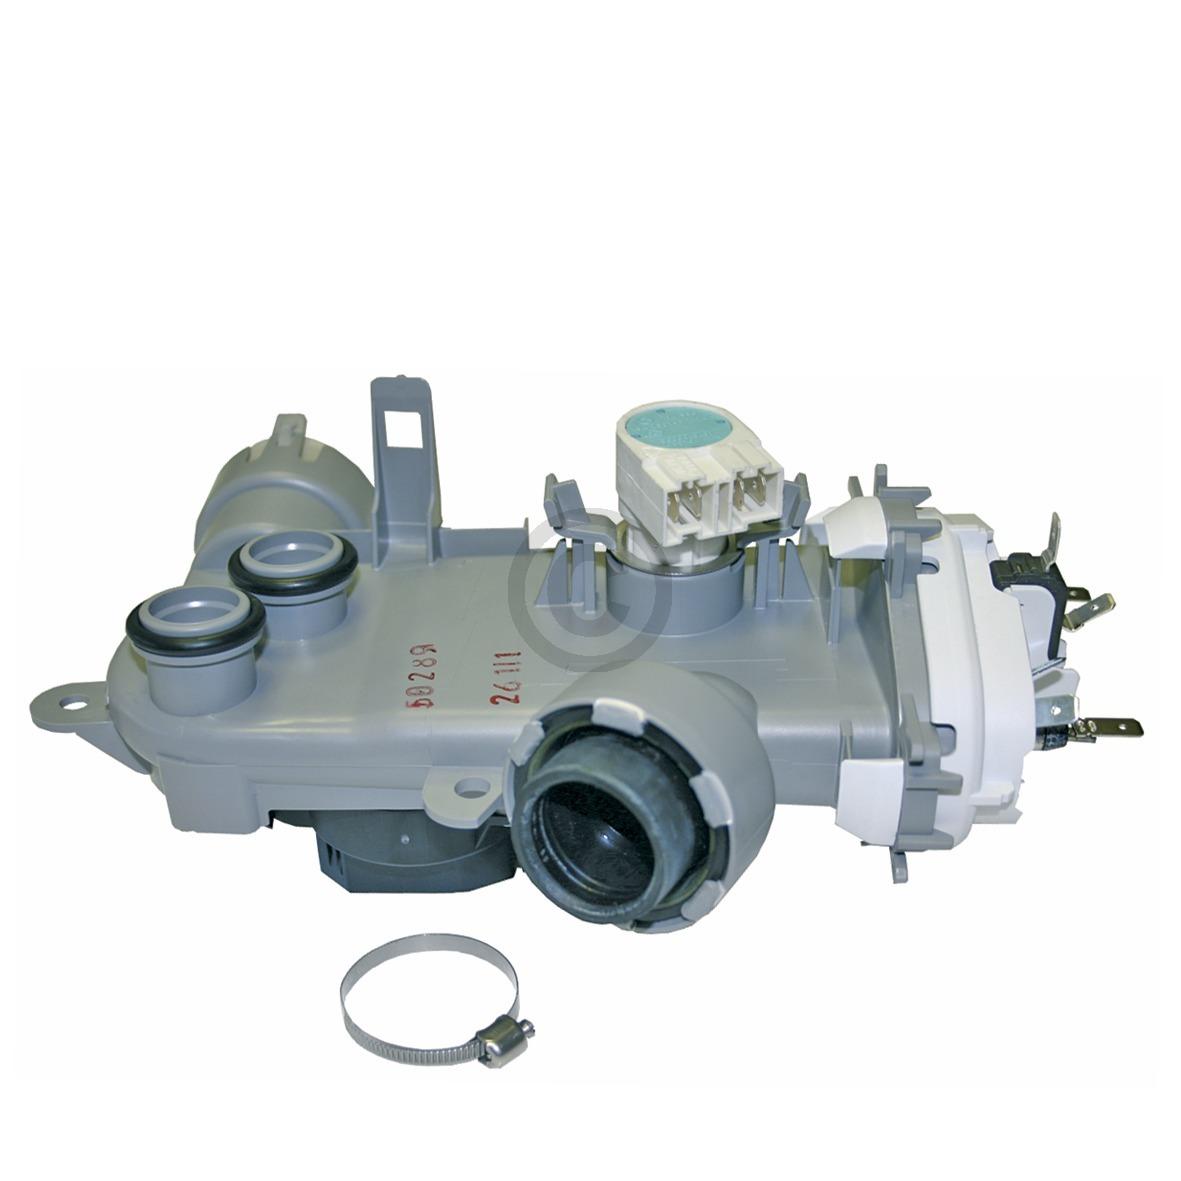 Heizelement 2100W DE-System kpl. 00488856 488856 Bosch, Siemens, Neff, Küppersbu